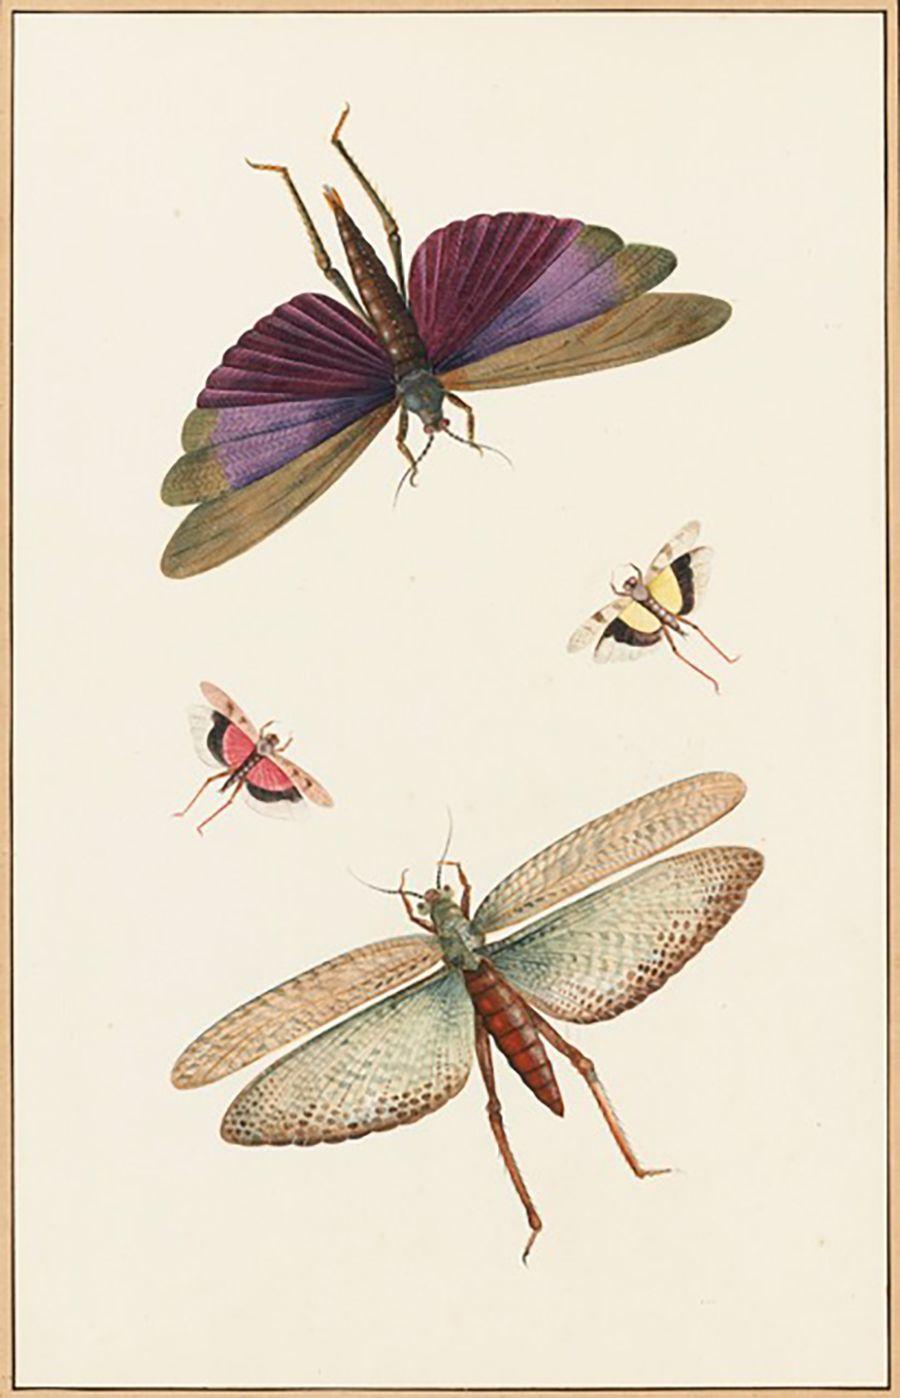 iridescences les couleurs physiques des insectes